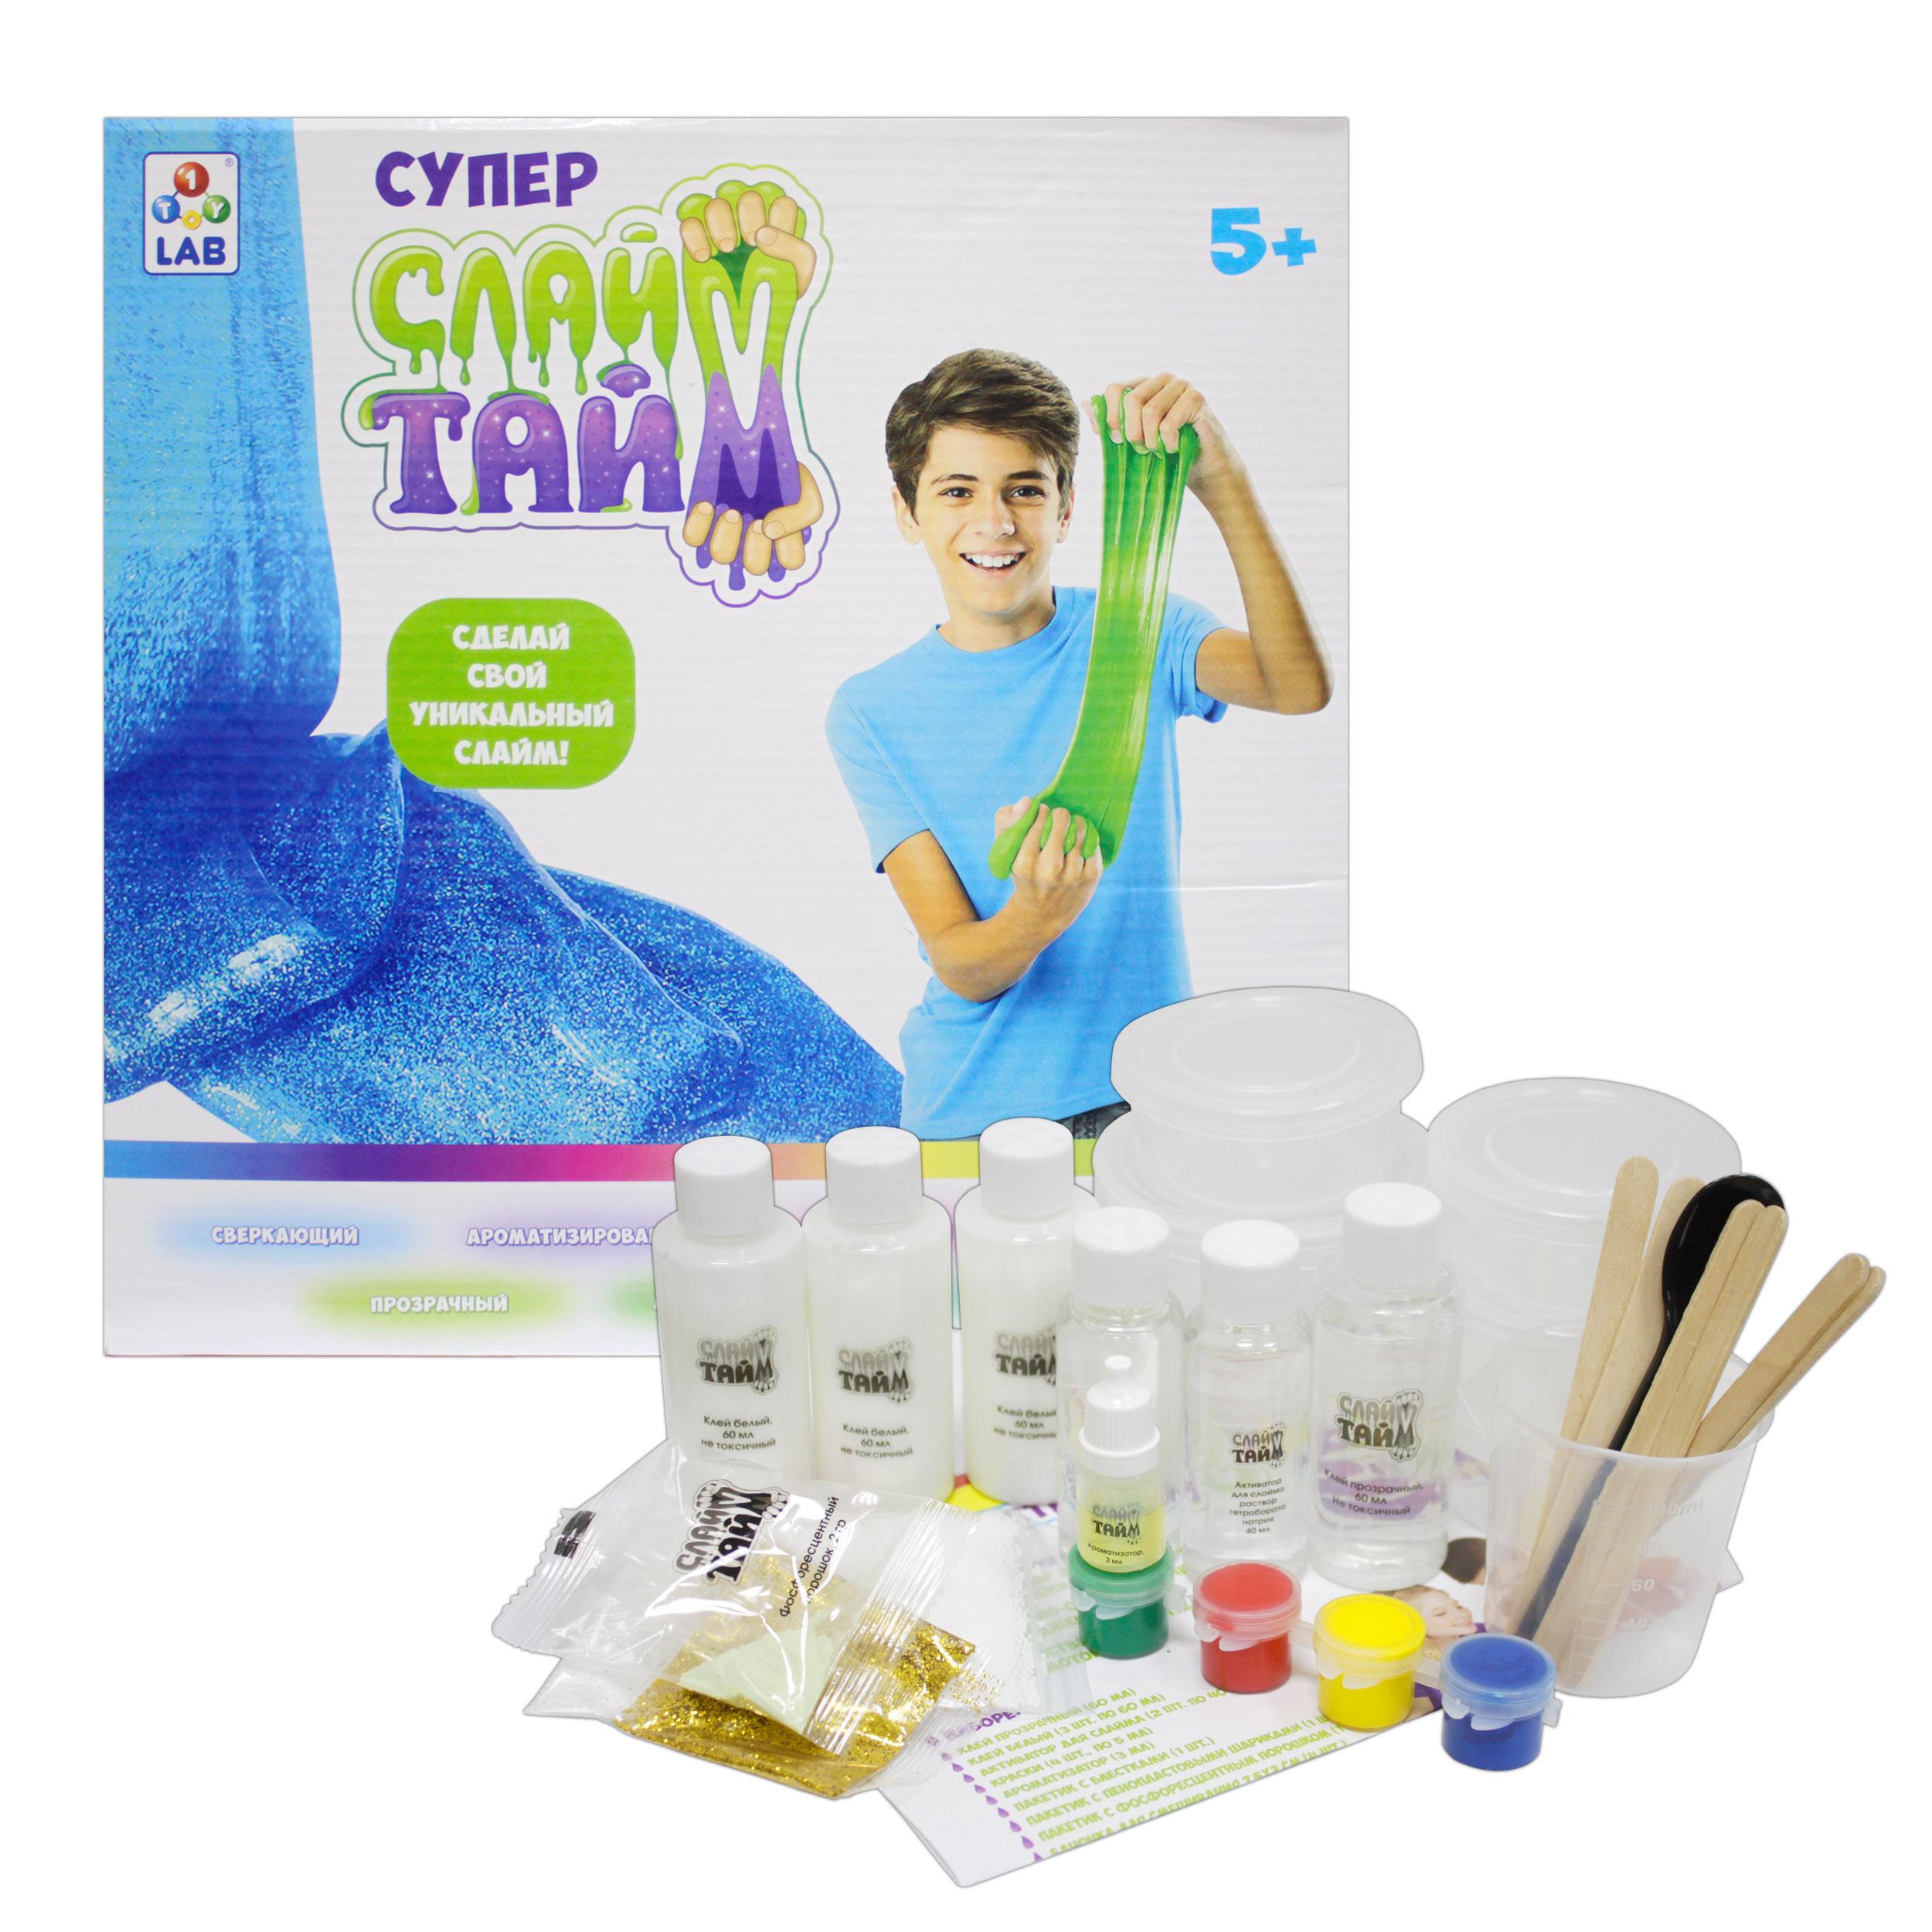 Игровой набор 1toy Сделай слайм набор для изготовления слайма 1toy сделай слайм многоцветный т12028